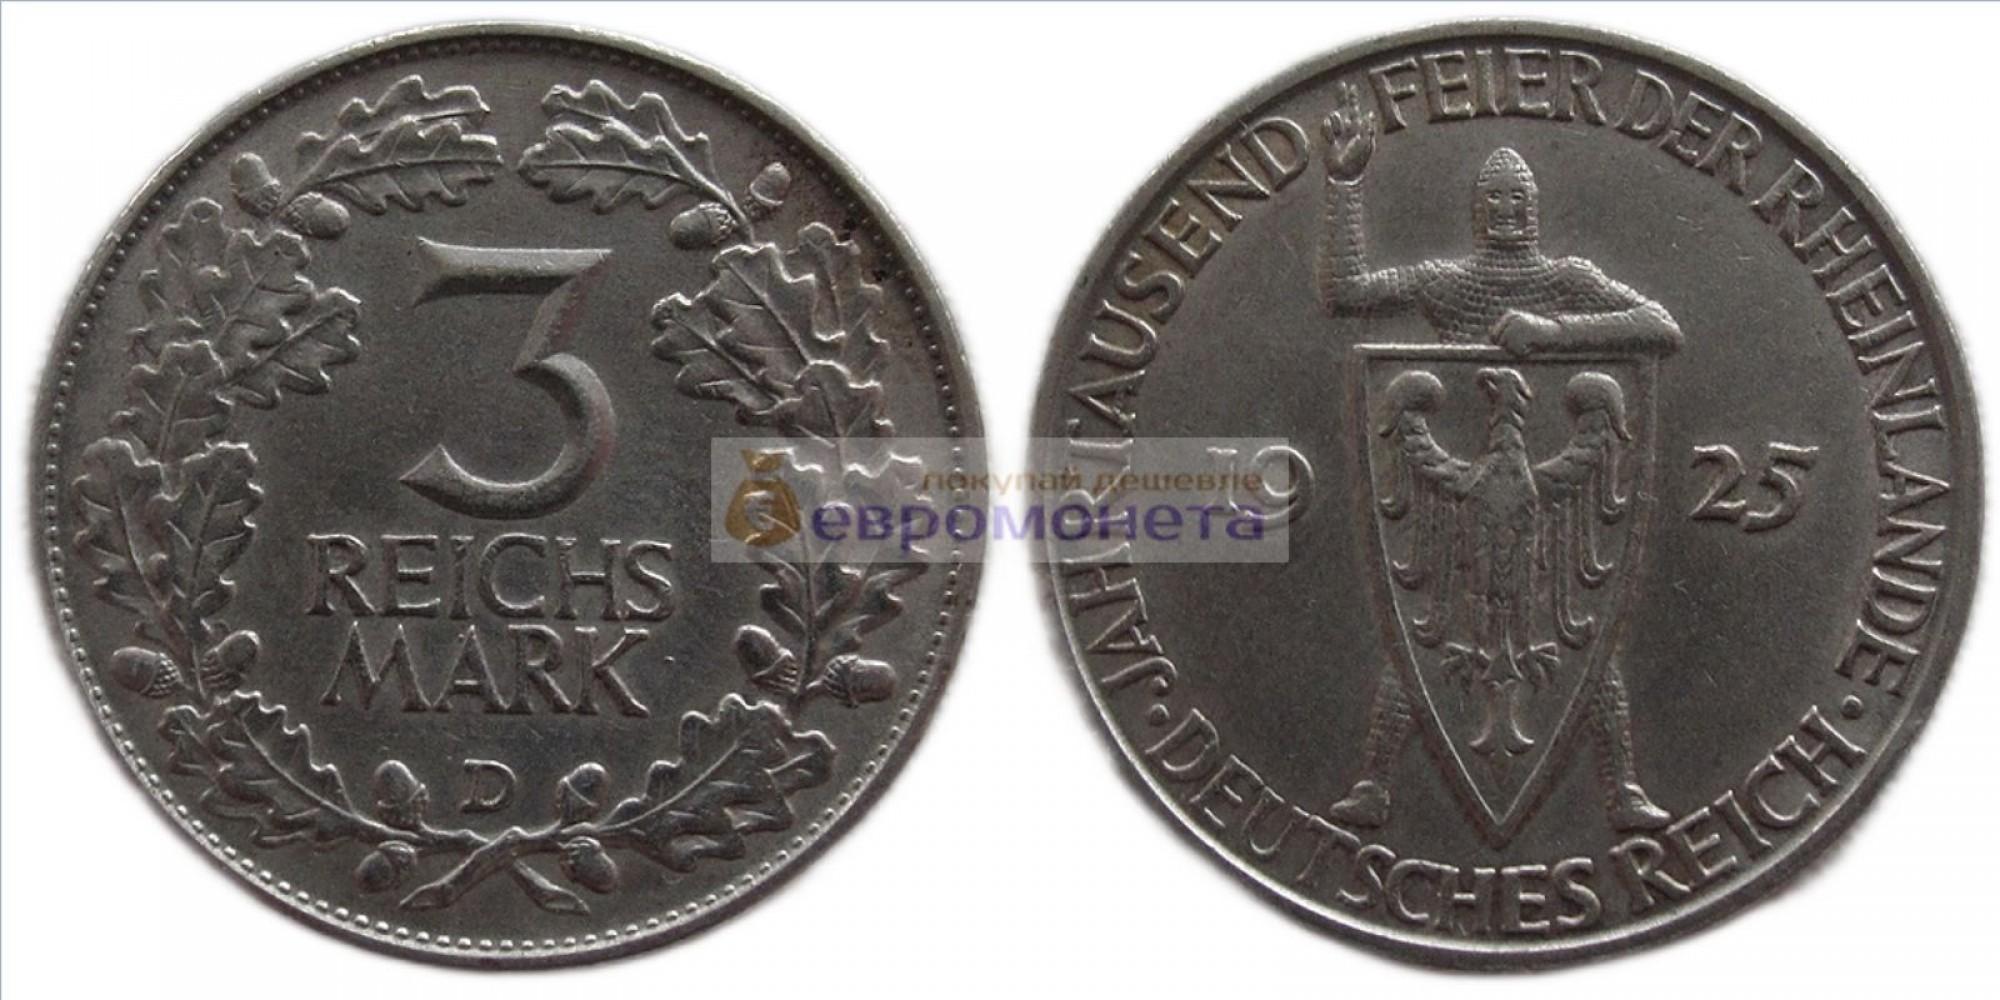 Веймарская республика 3 марки 1925 год D. Тысячелетие Рейнской области (Рейнланда). Серебро. AU+